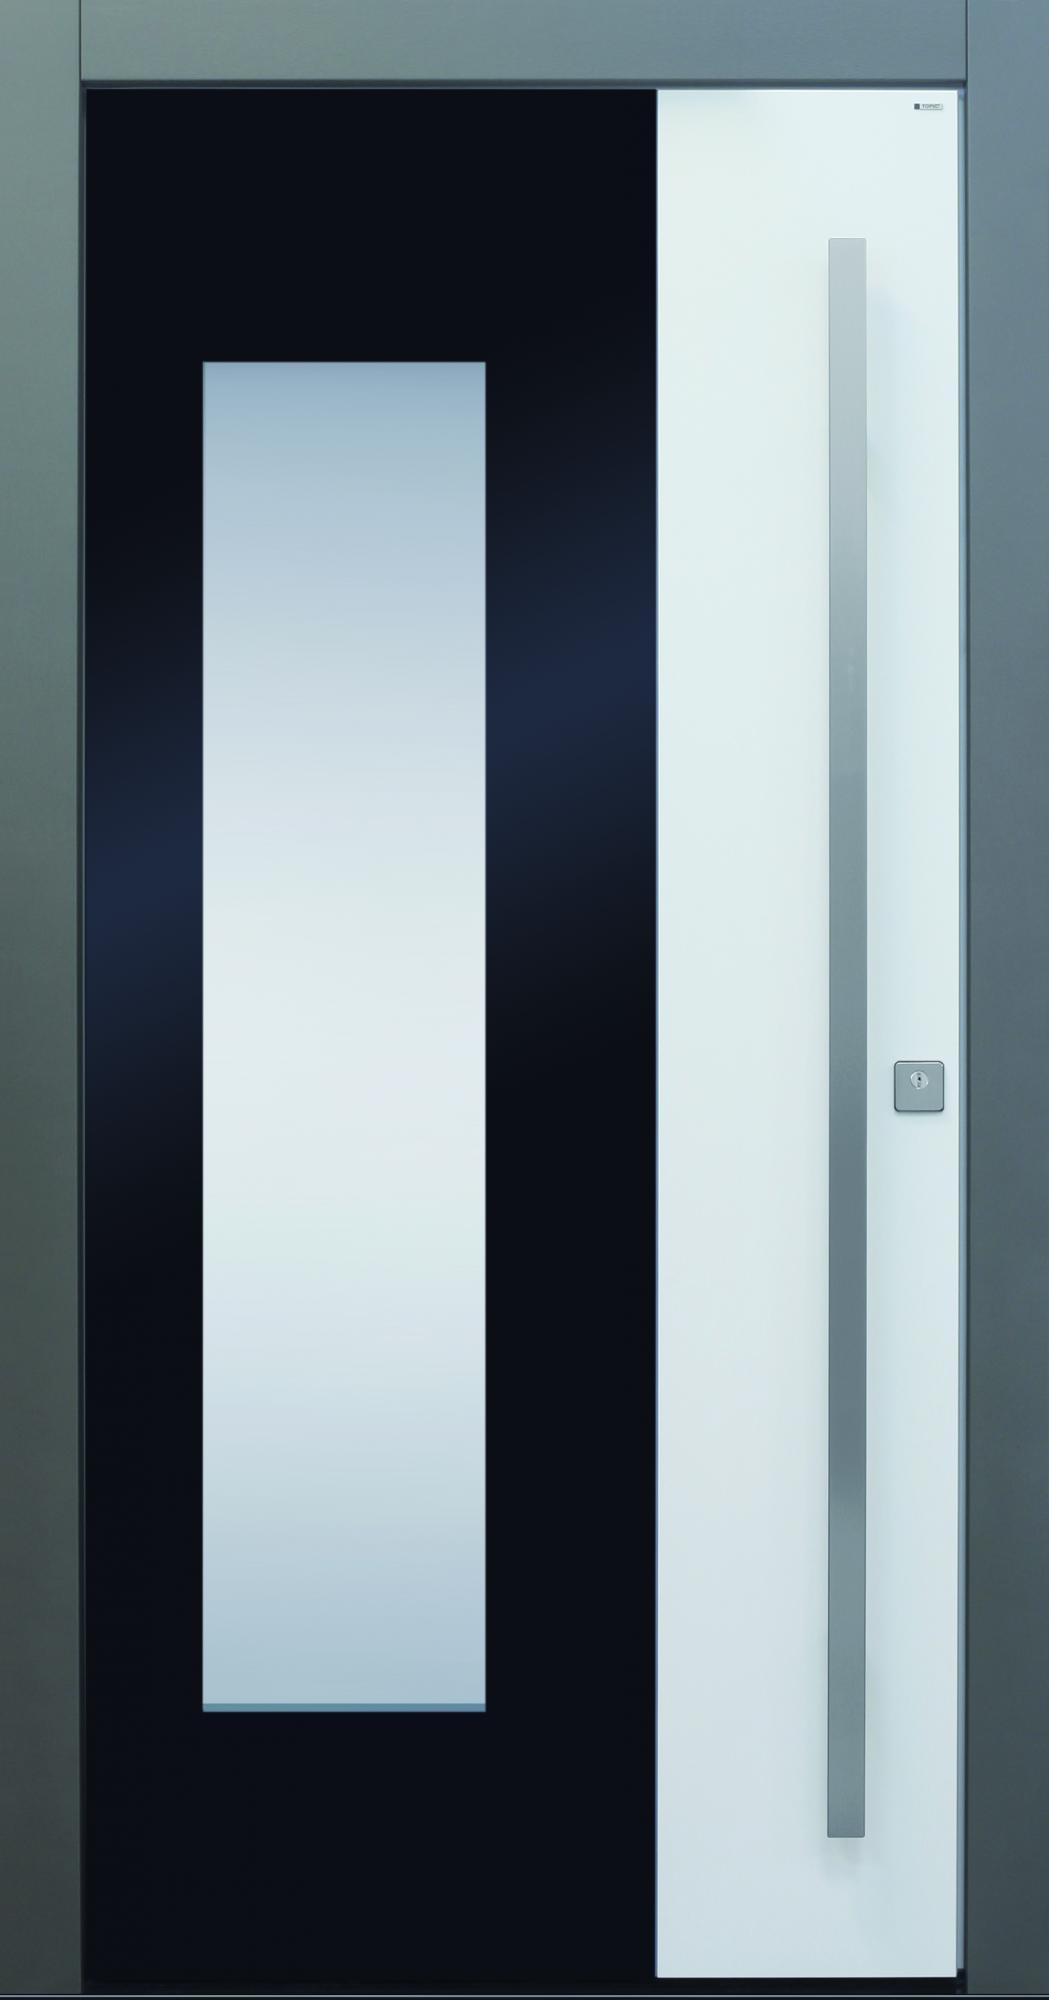 Haustüren weiß modern  TOPIC - Haustüren von Meisterhand TOPIC Haustüren u. Wohnungstüren ...